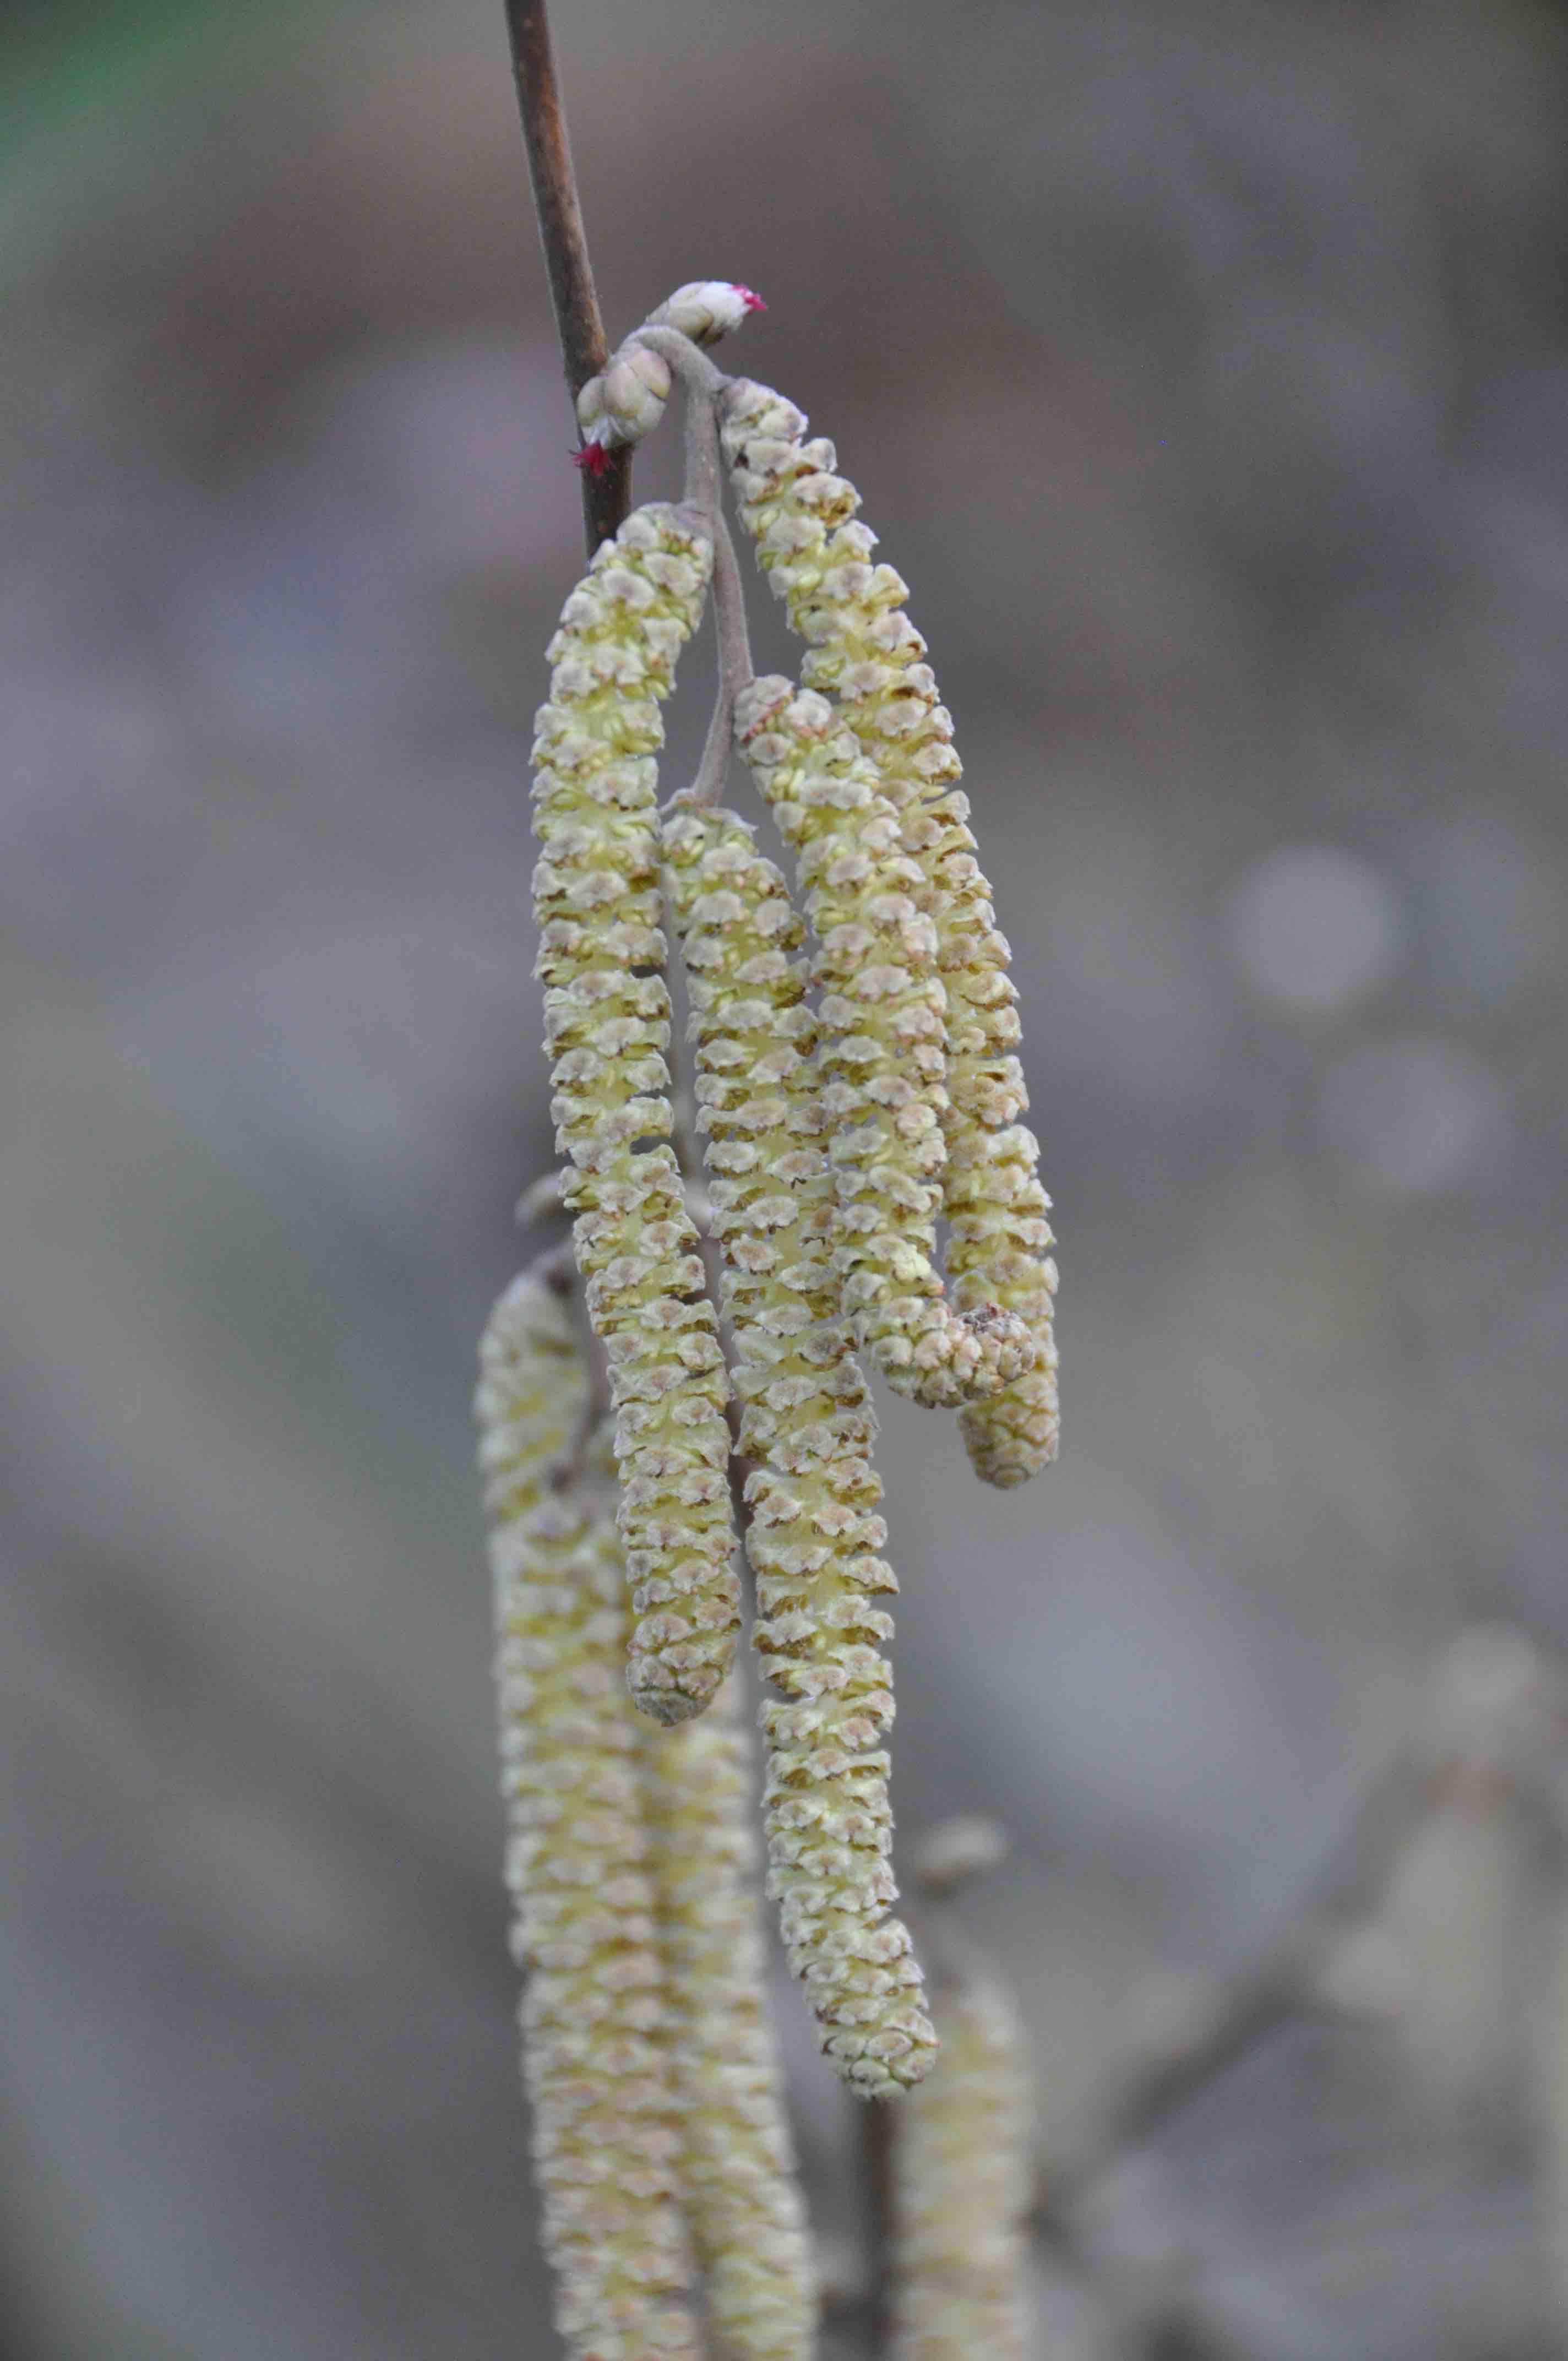 Fleurs Males Et Femelles De Noisetier 2015 S9 C A Kammerer